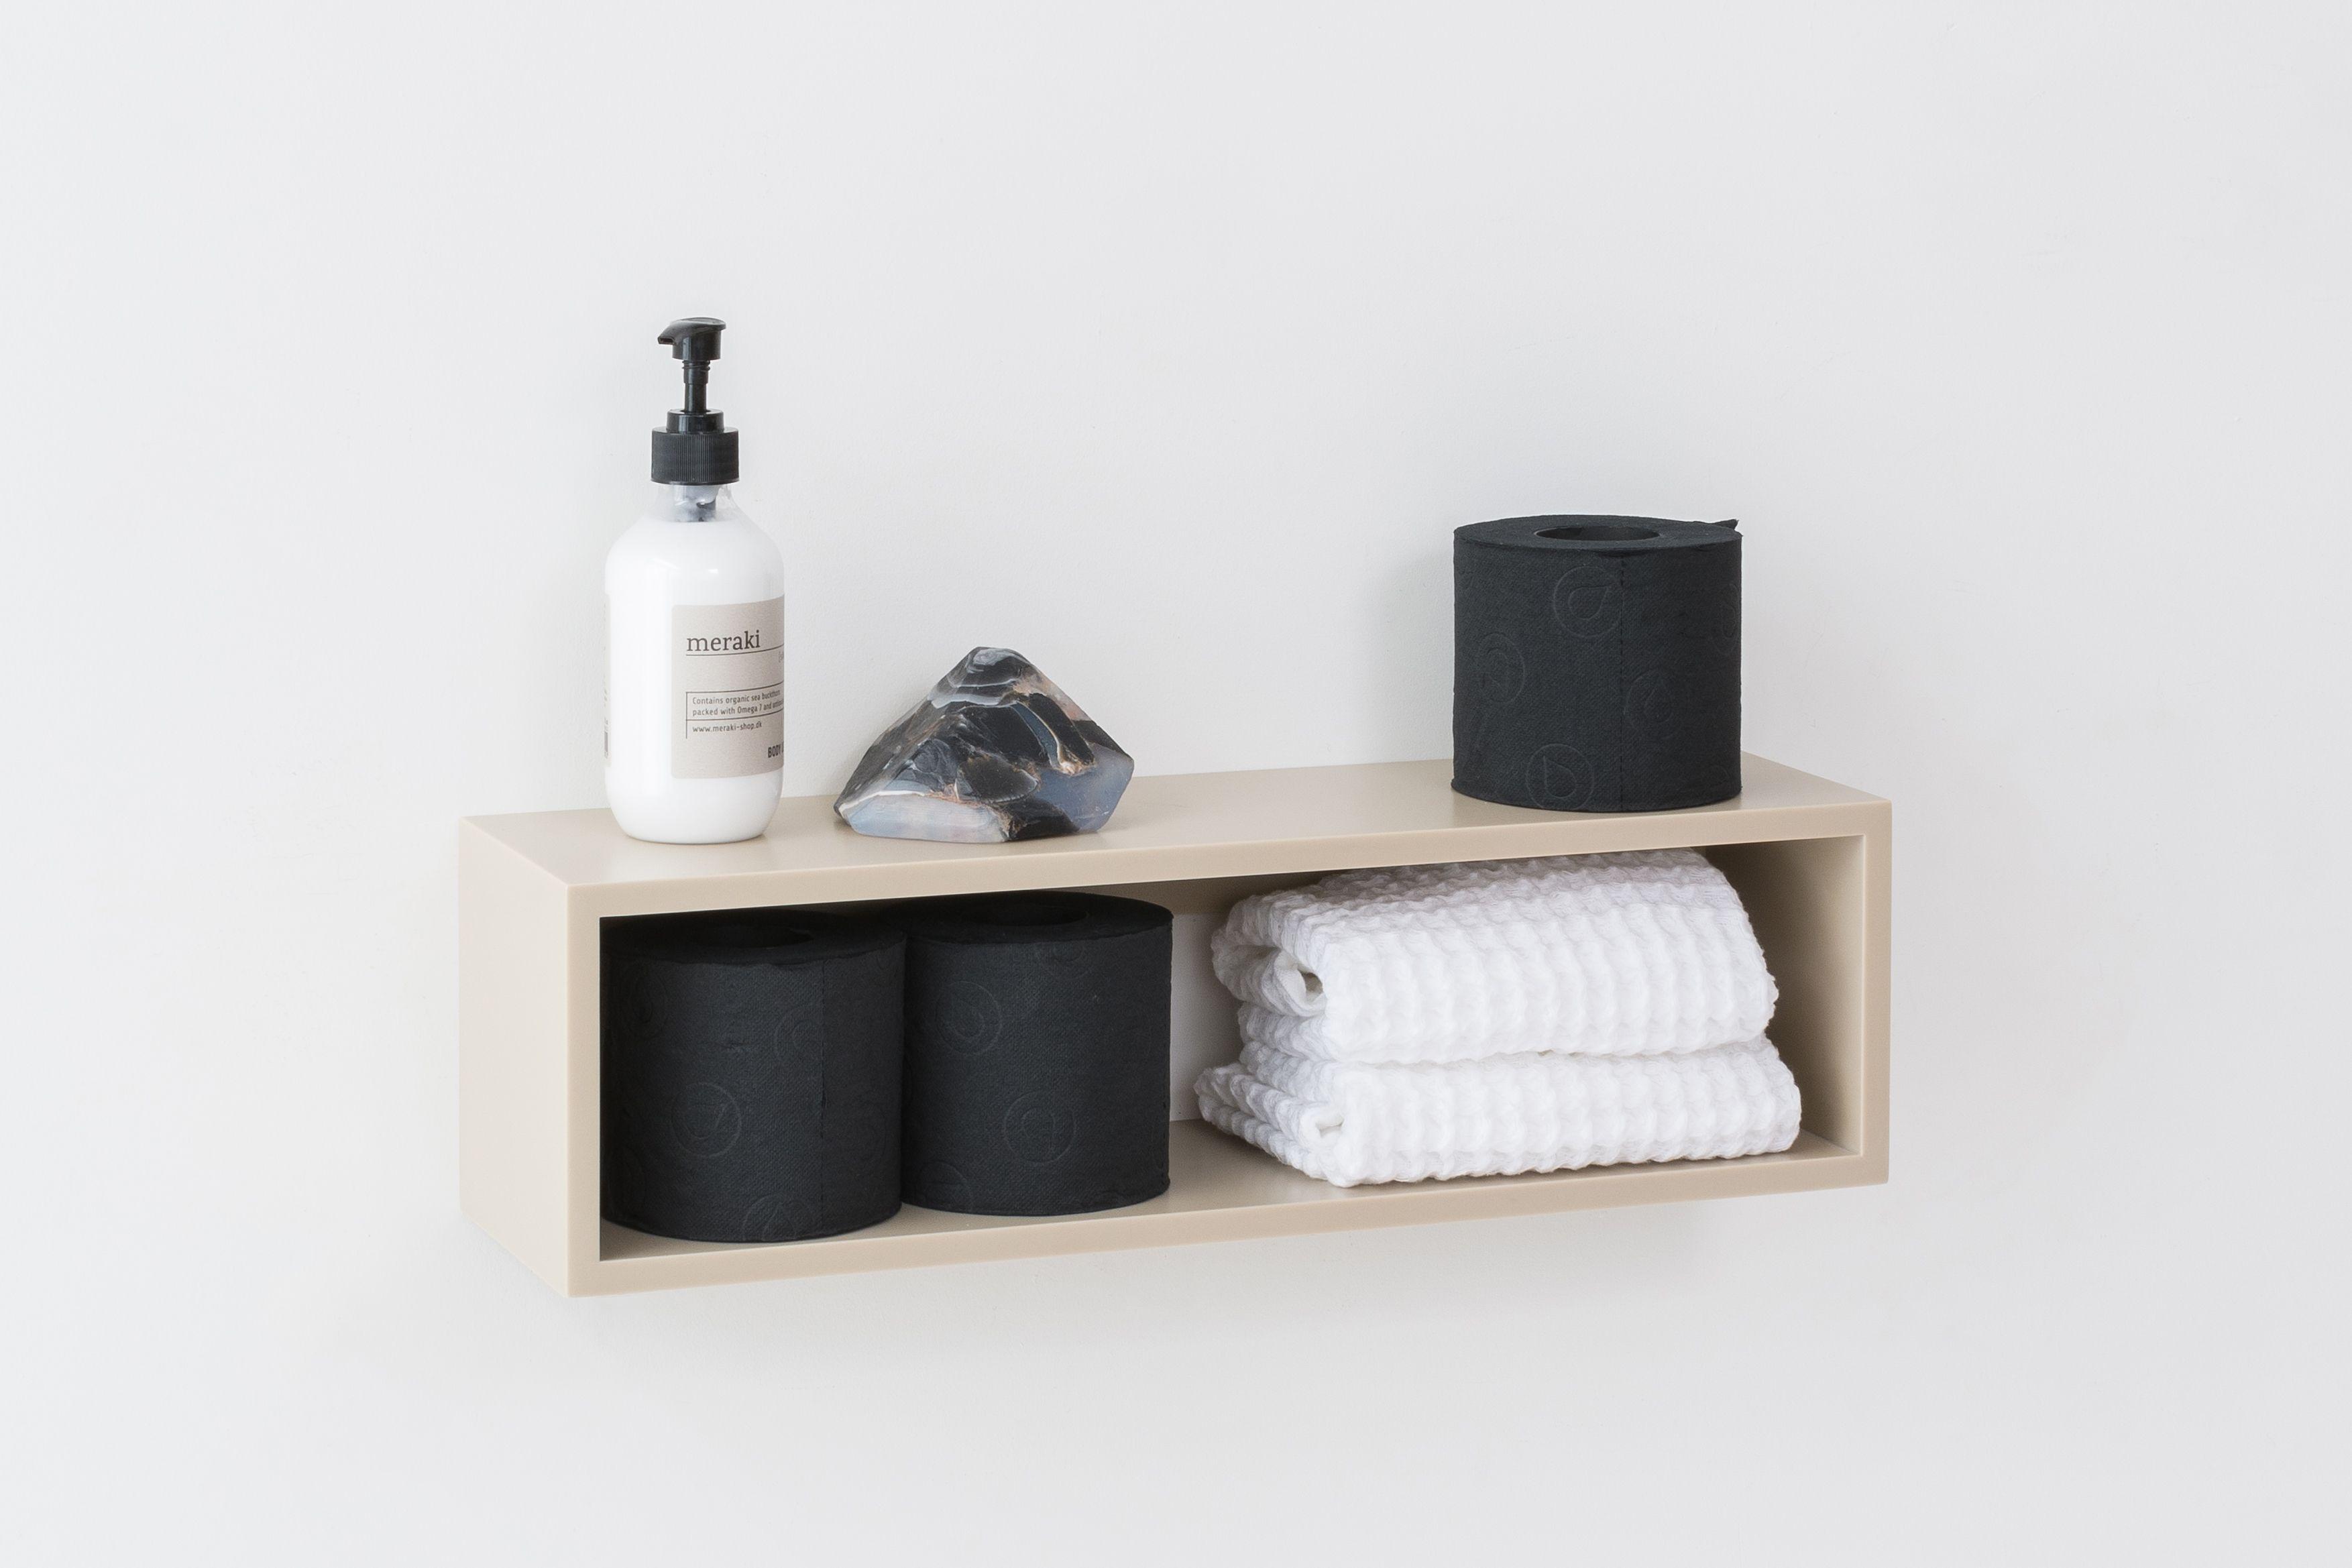 Badkamer Kast Handdoeken : Pin van beautyshelfie op interior badkamer